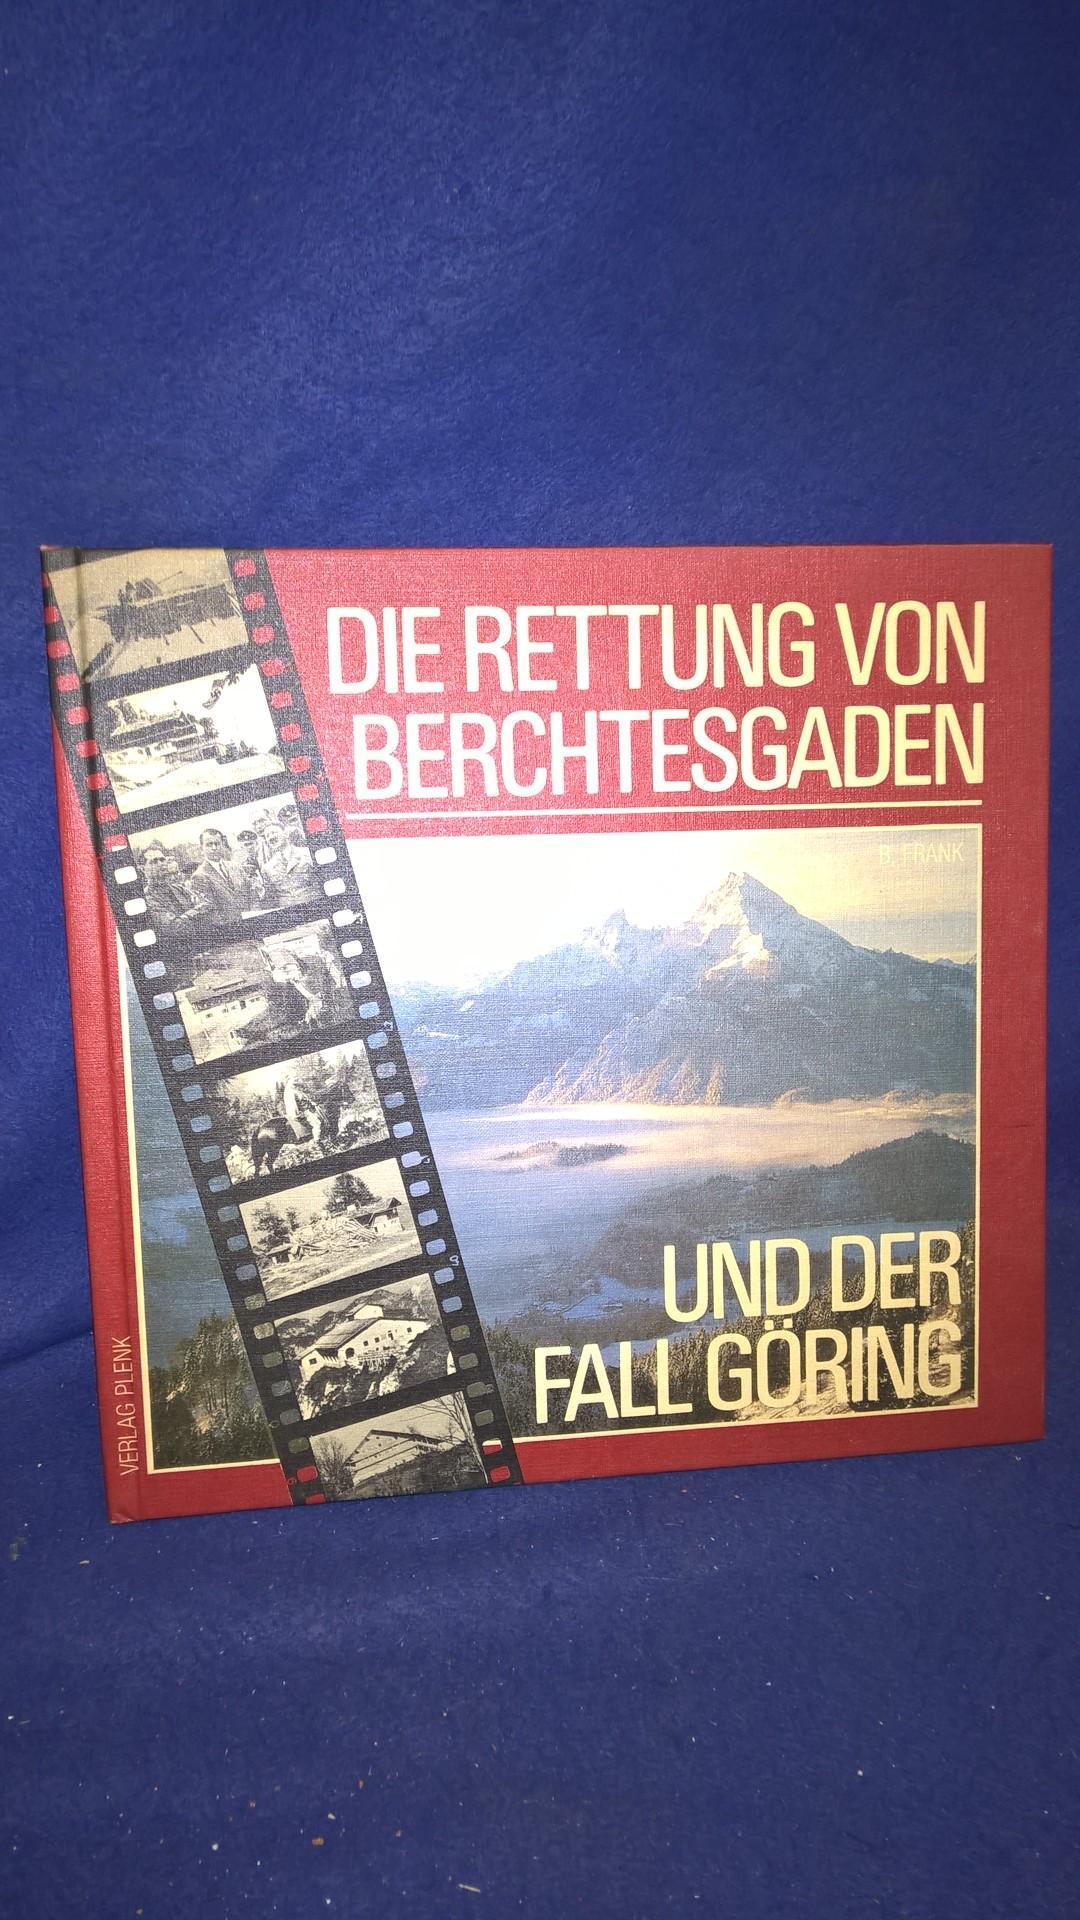 Die Rettung von Berchtesgarden und der Fall Göring.